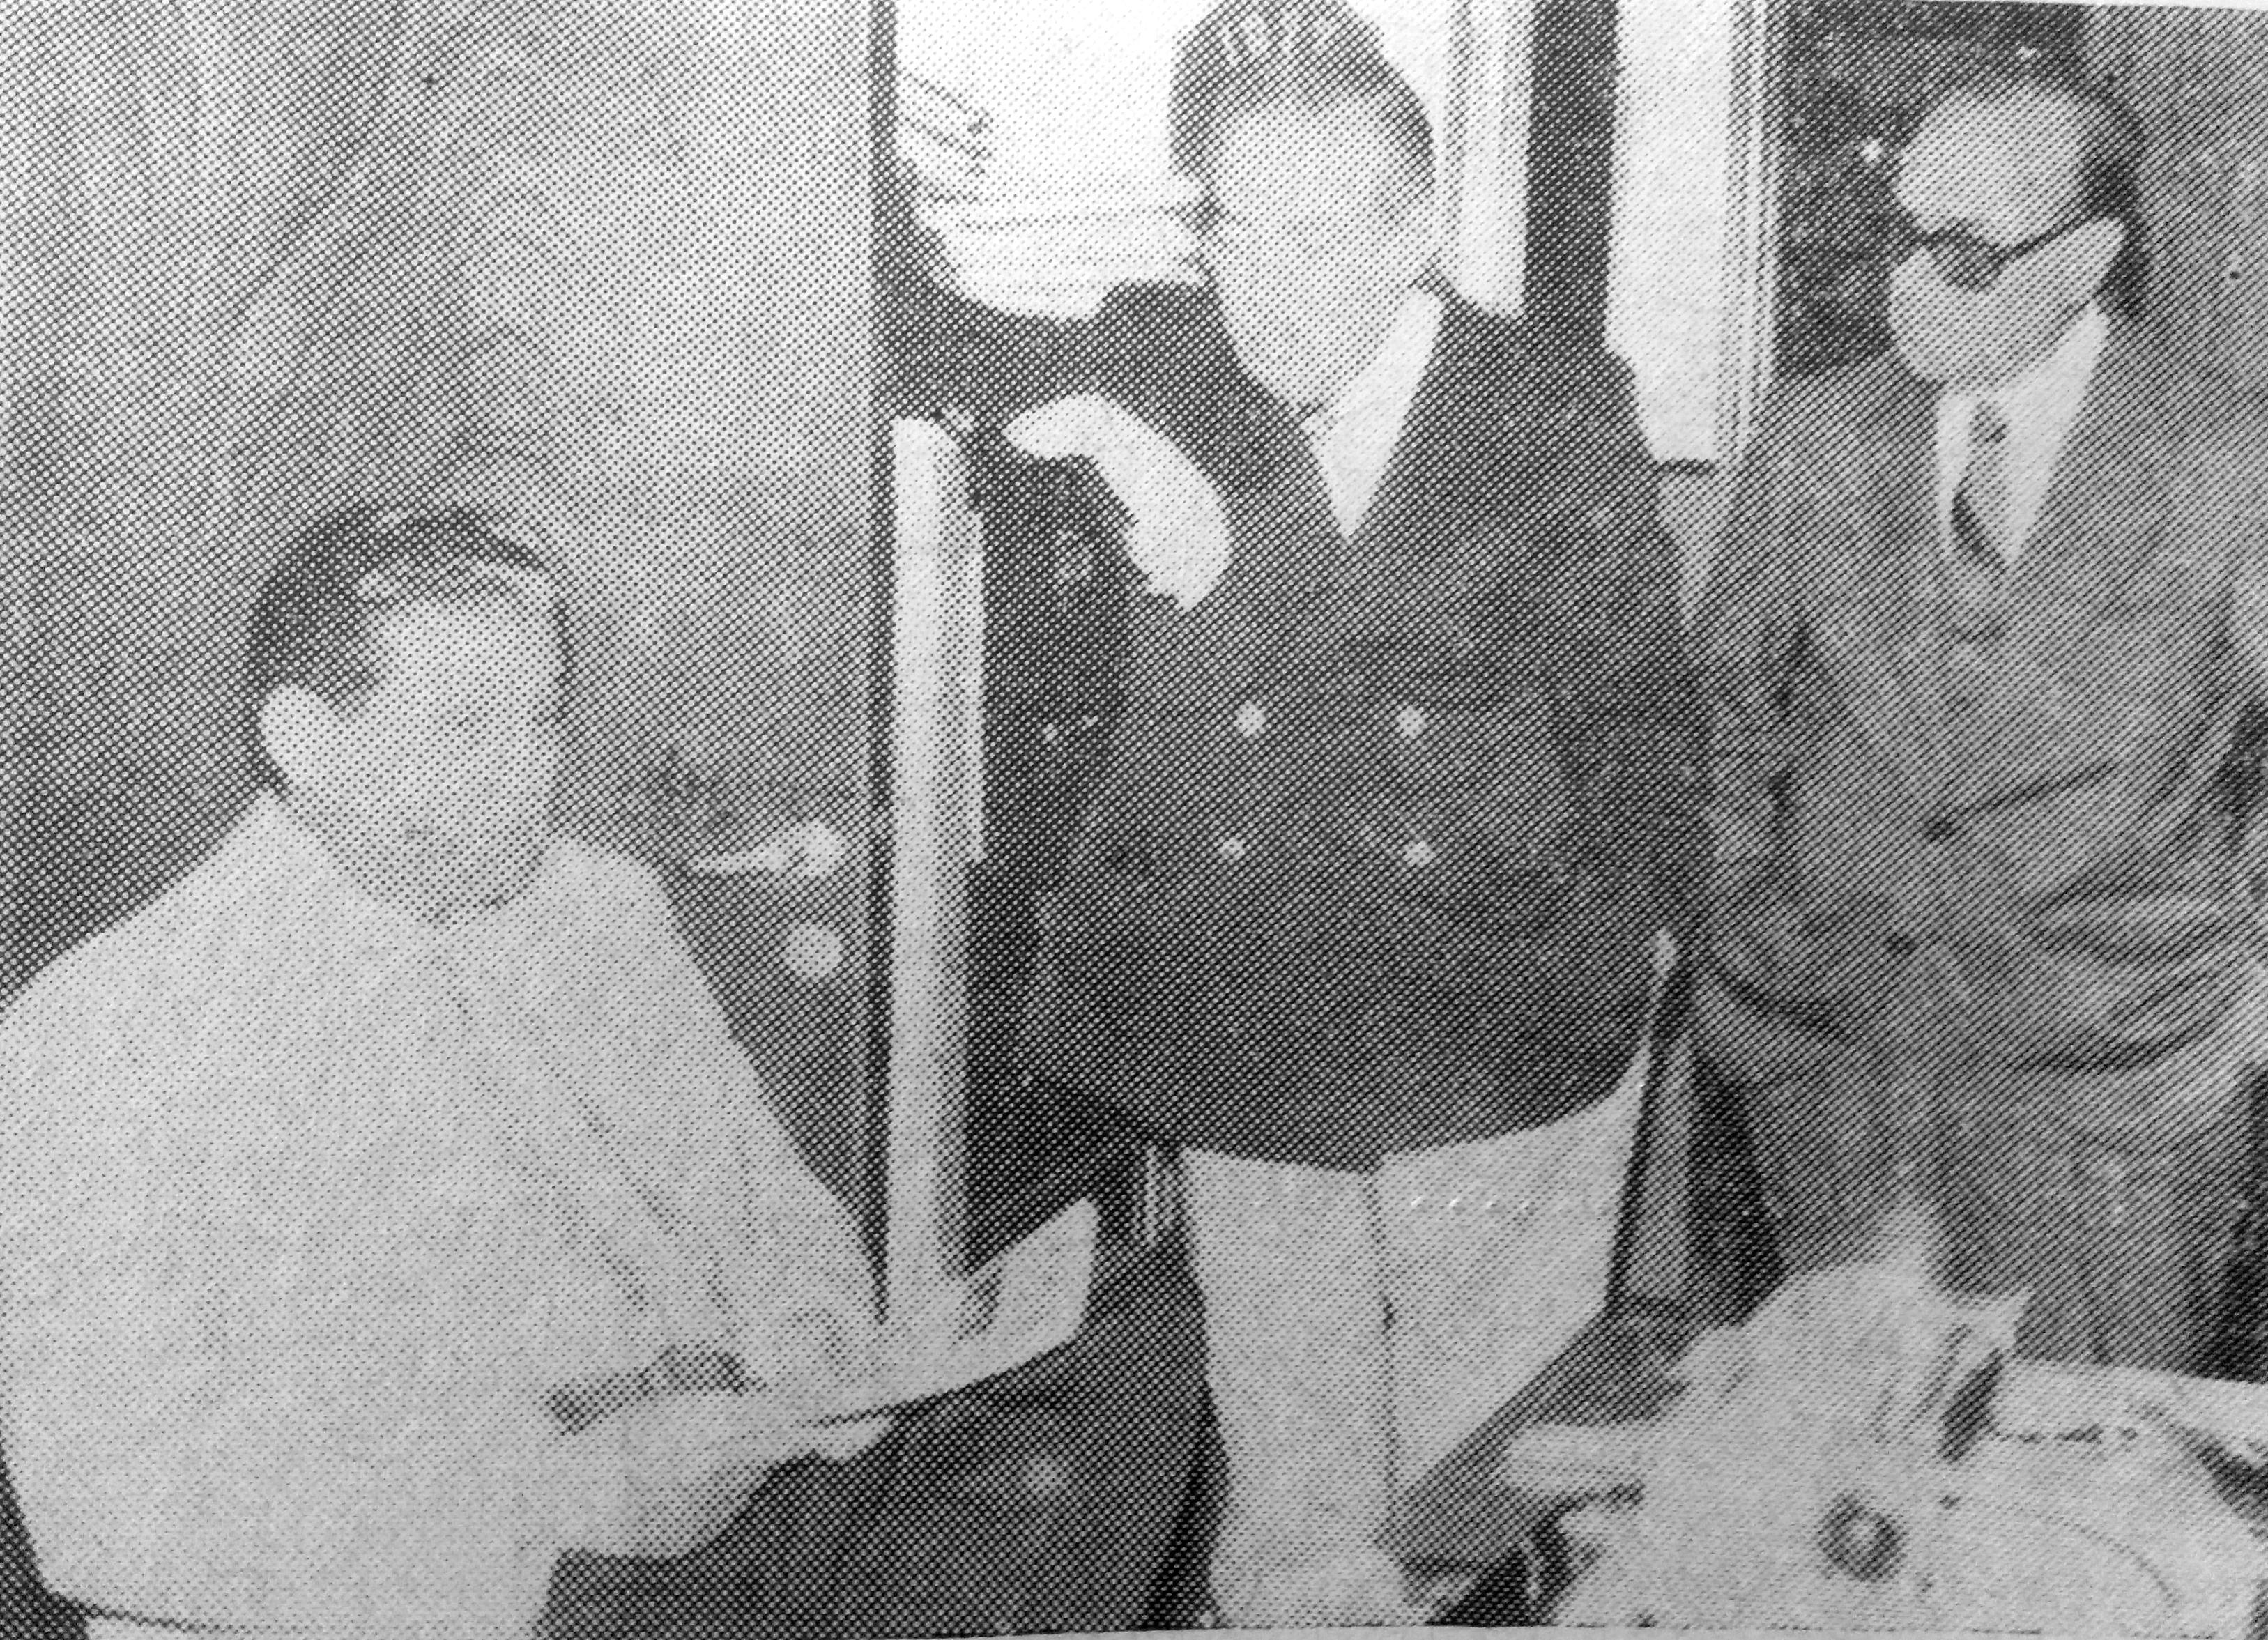 El Dr. Eduardo A. R. Massolo, (A la derecha), junto a su hermano, el Dr. Héctor C. Massolo, y el gran médico cardiocirujano argentino, Dr. René Favaloro (Octubre de 1977)